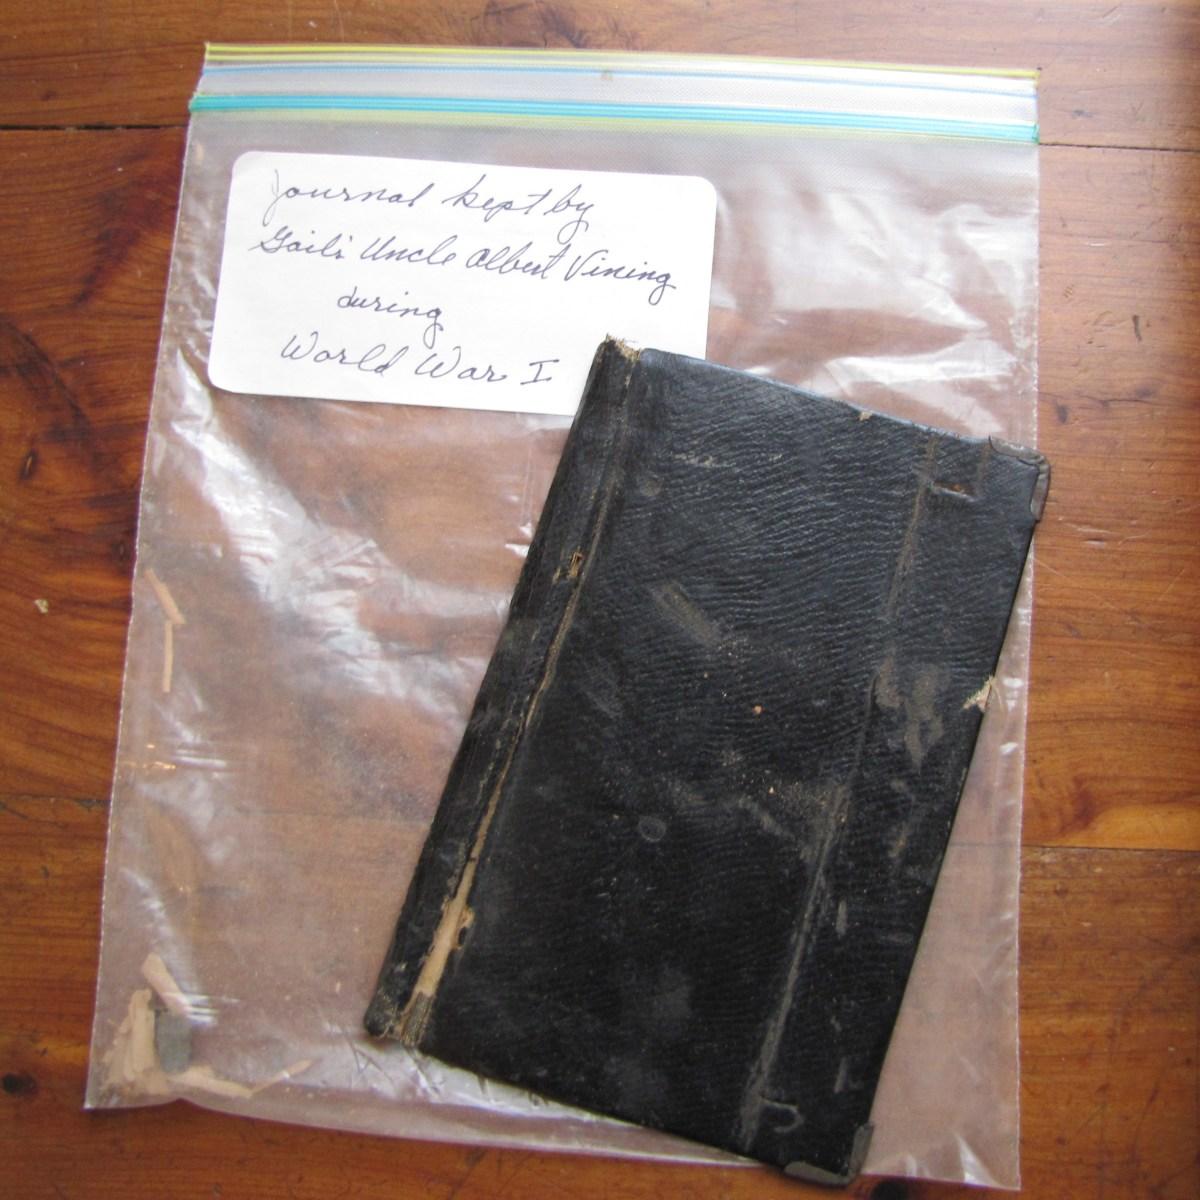 Albert Vining's pocket diary from World War I.